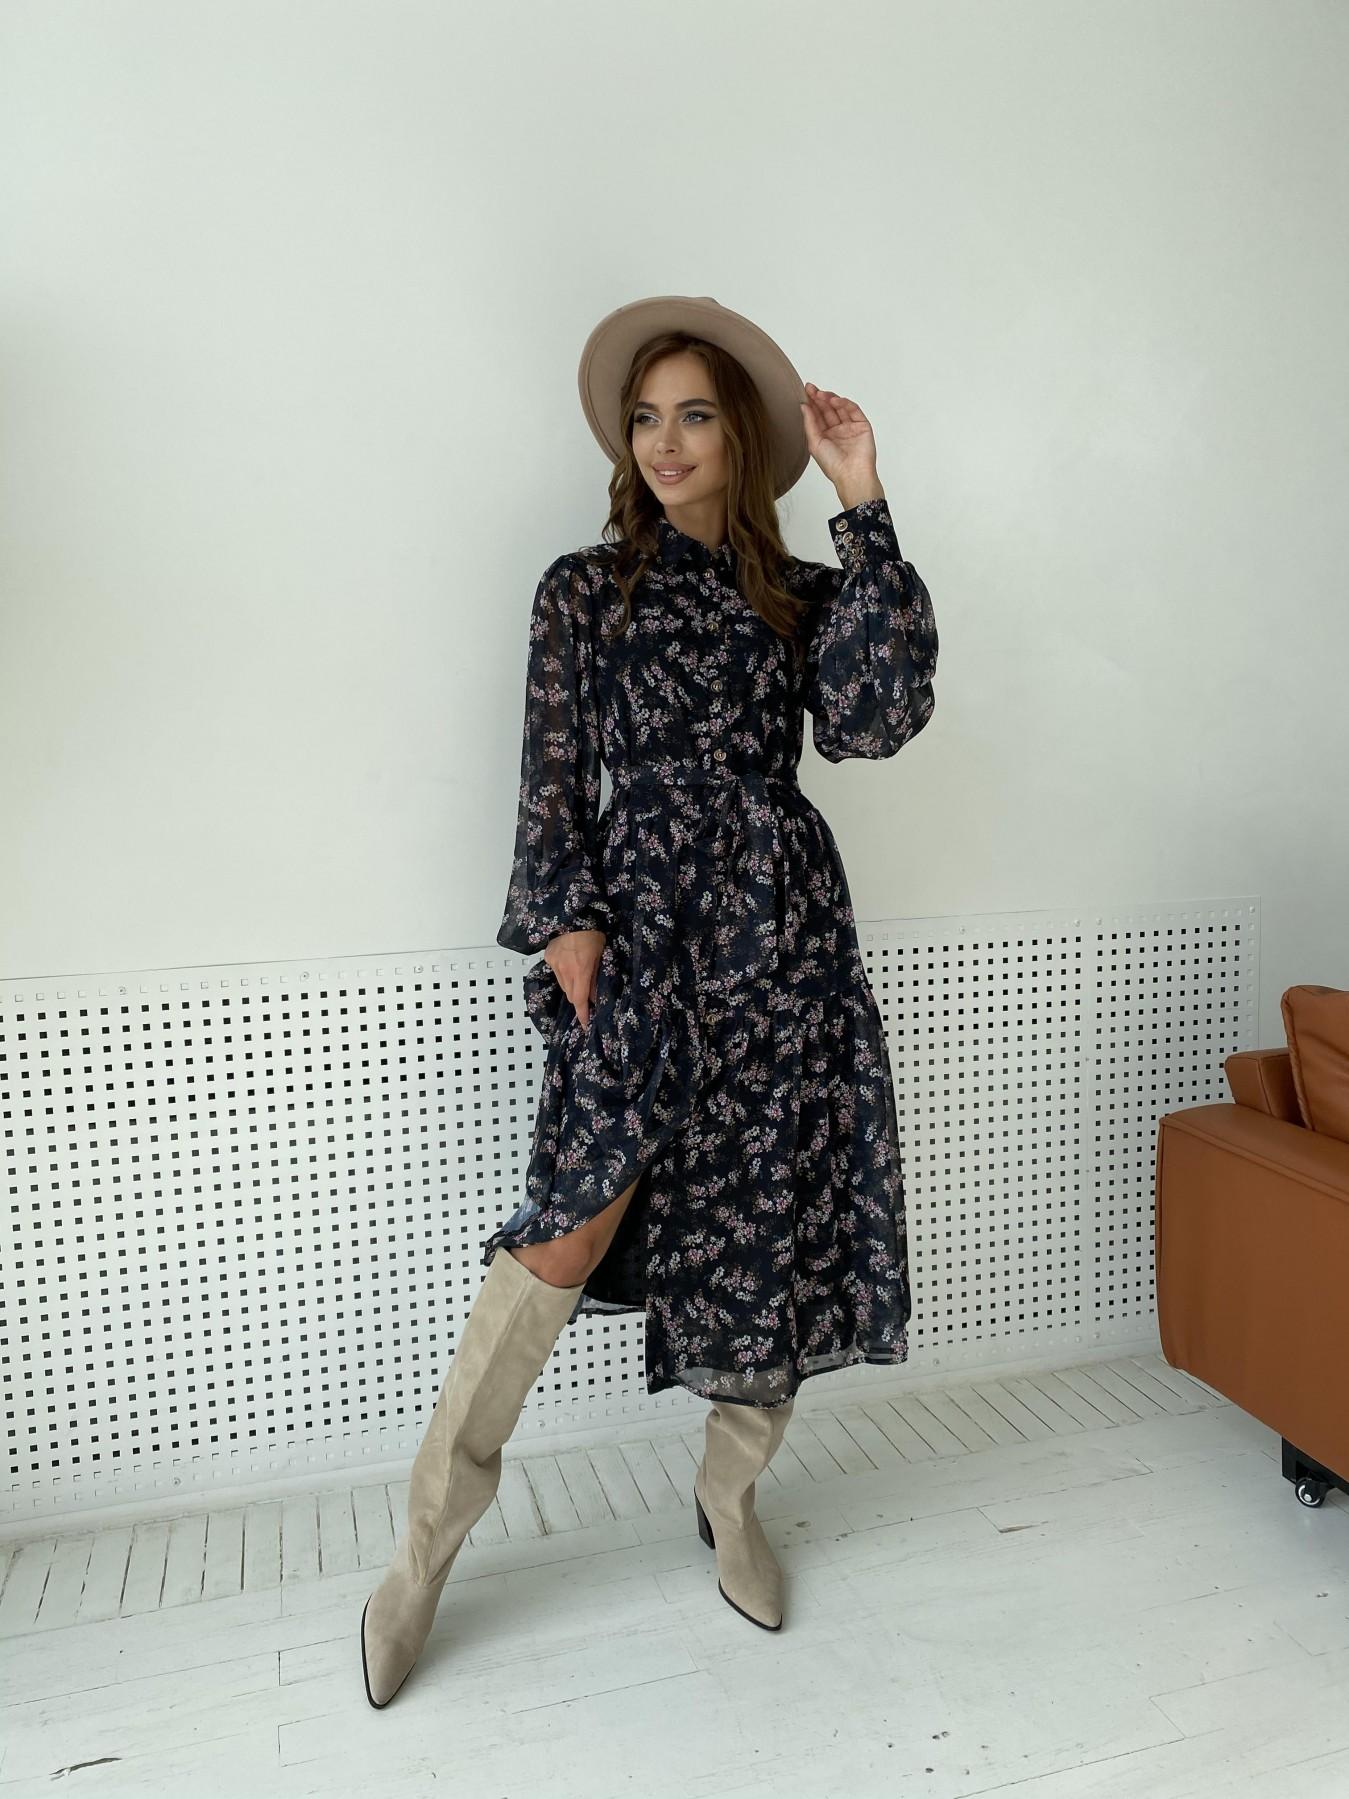 Купить платье оптом Украина Modus Патессери платье из шифона с цветочным принтом 11750